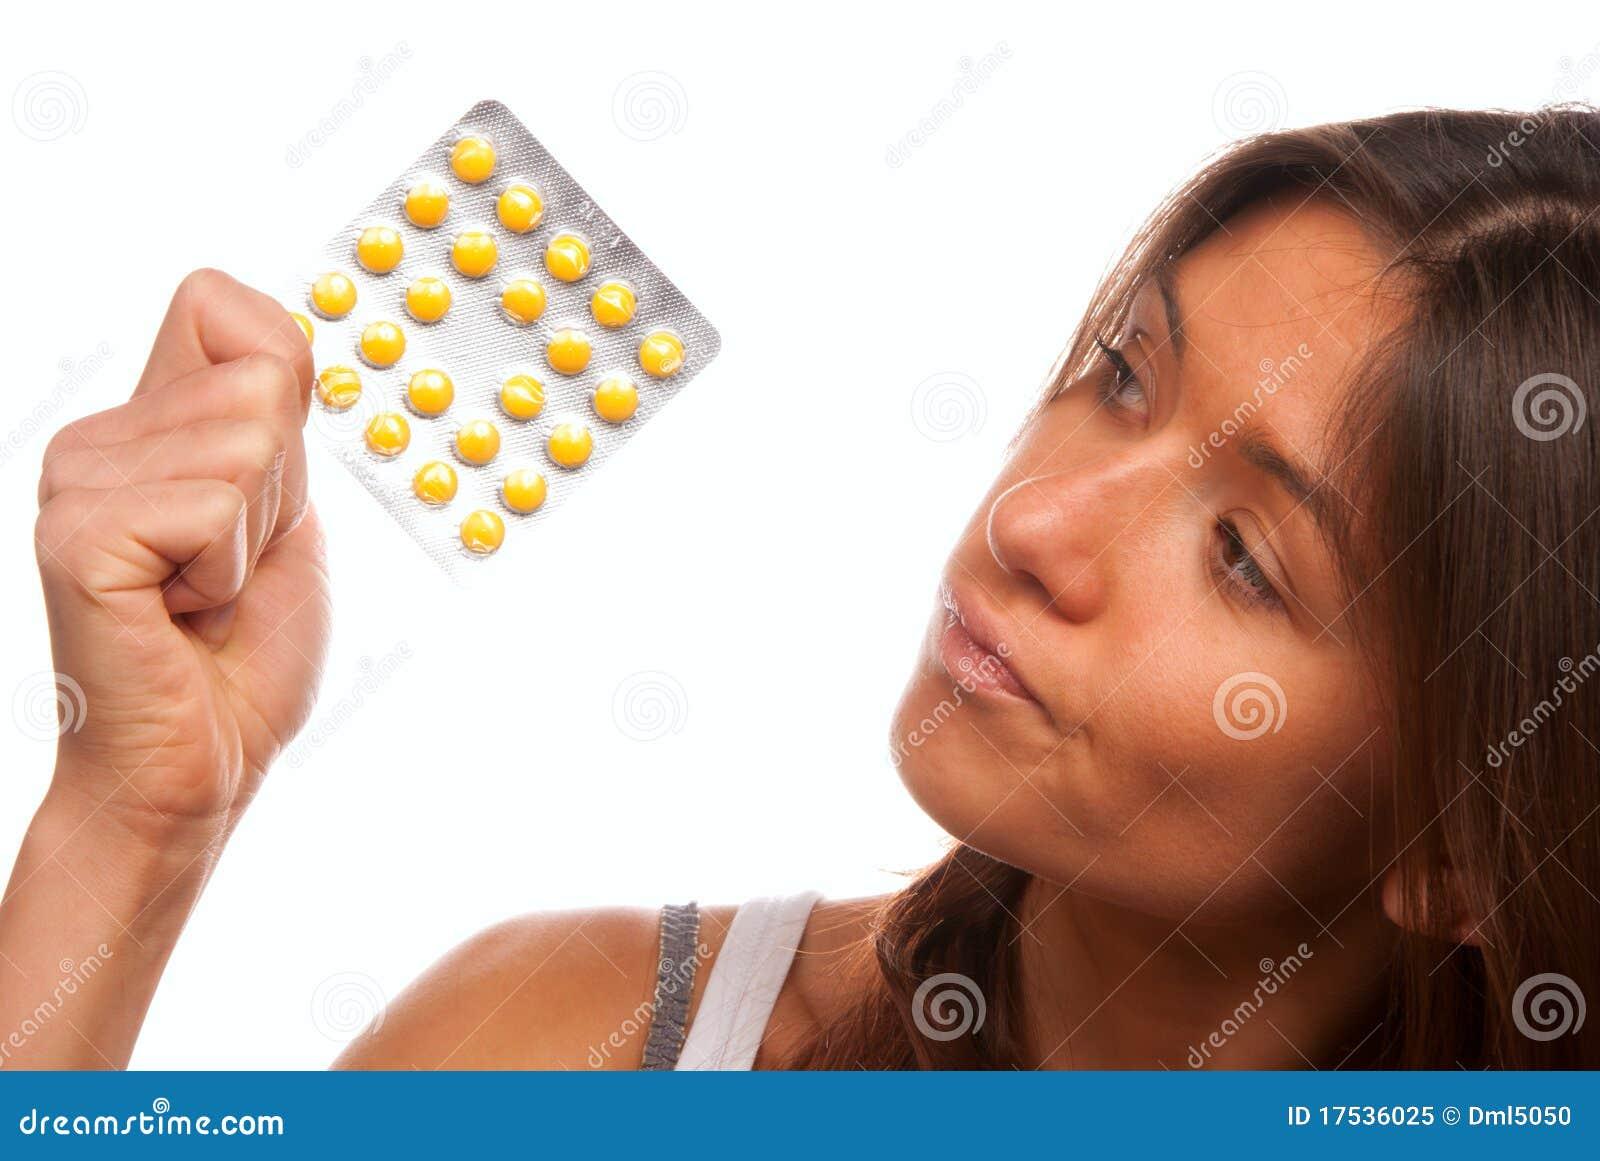 Jonge vrouw die gele tabletpillen bekijkt